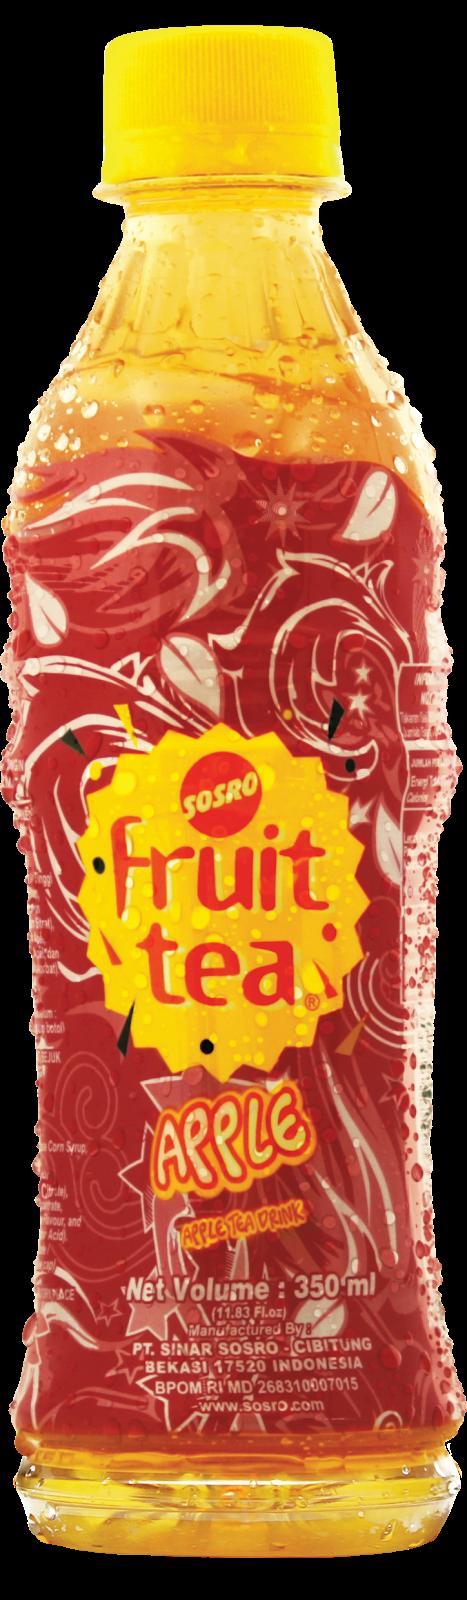 Foto Produk Sosro Fruit Tea 350 ml - Agen87